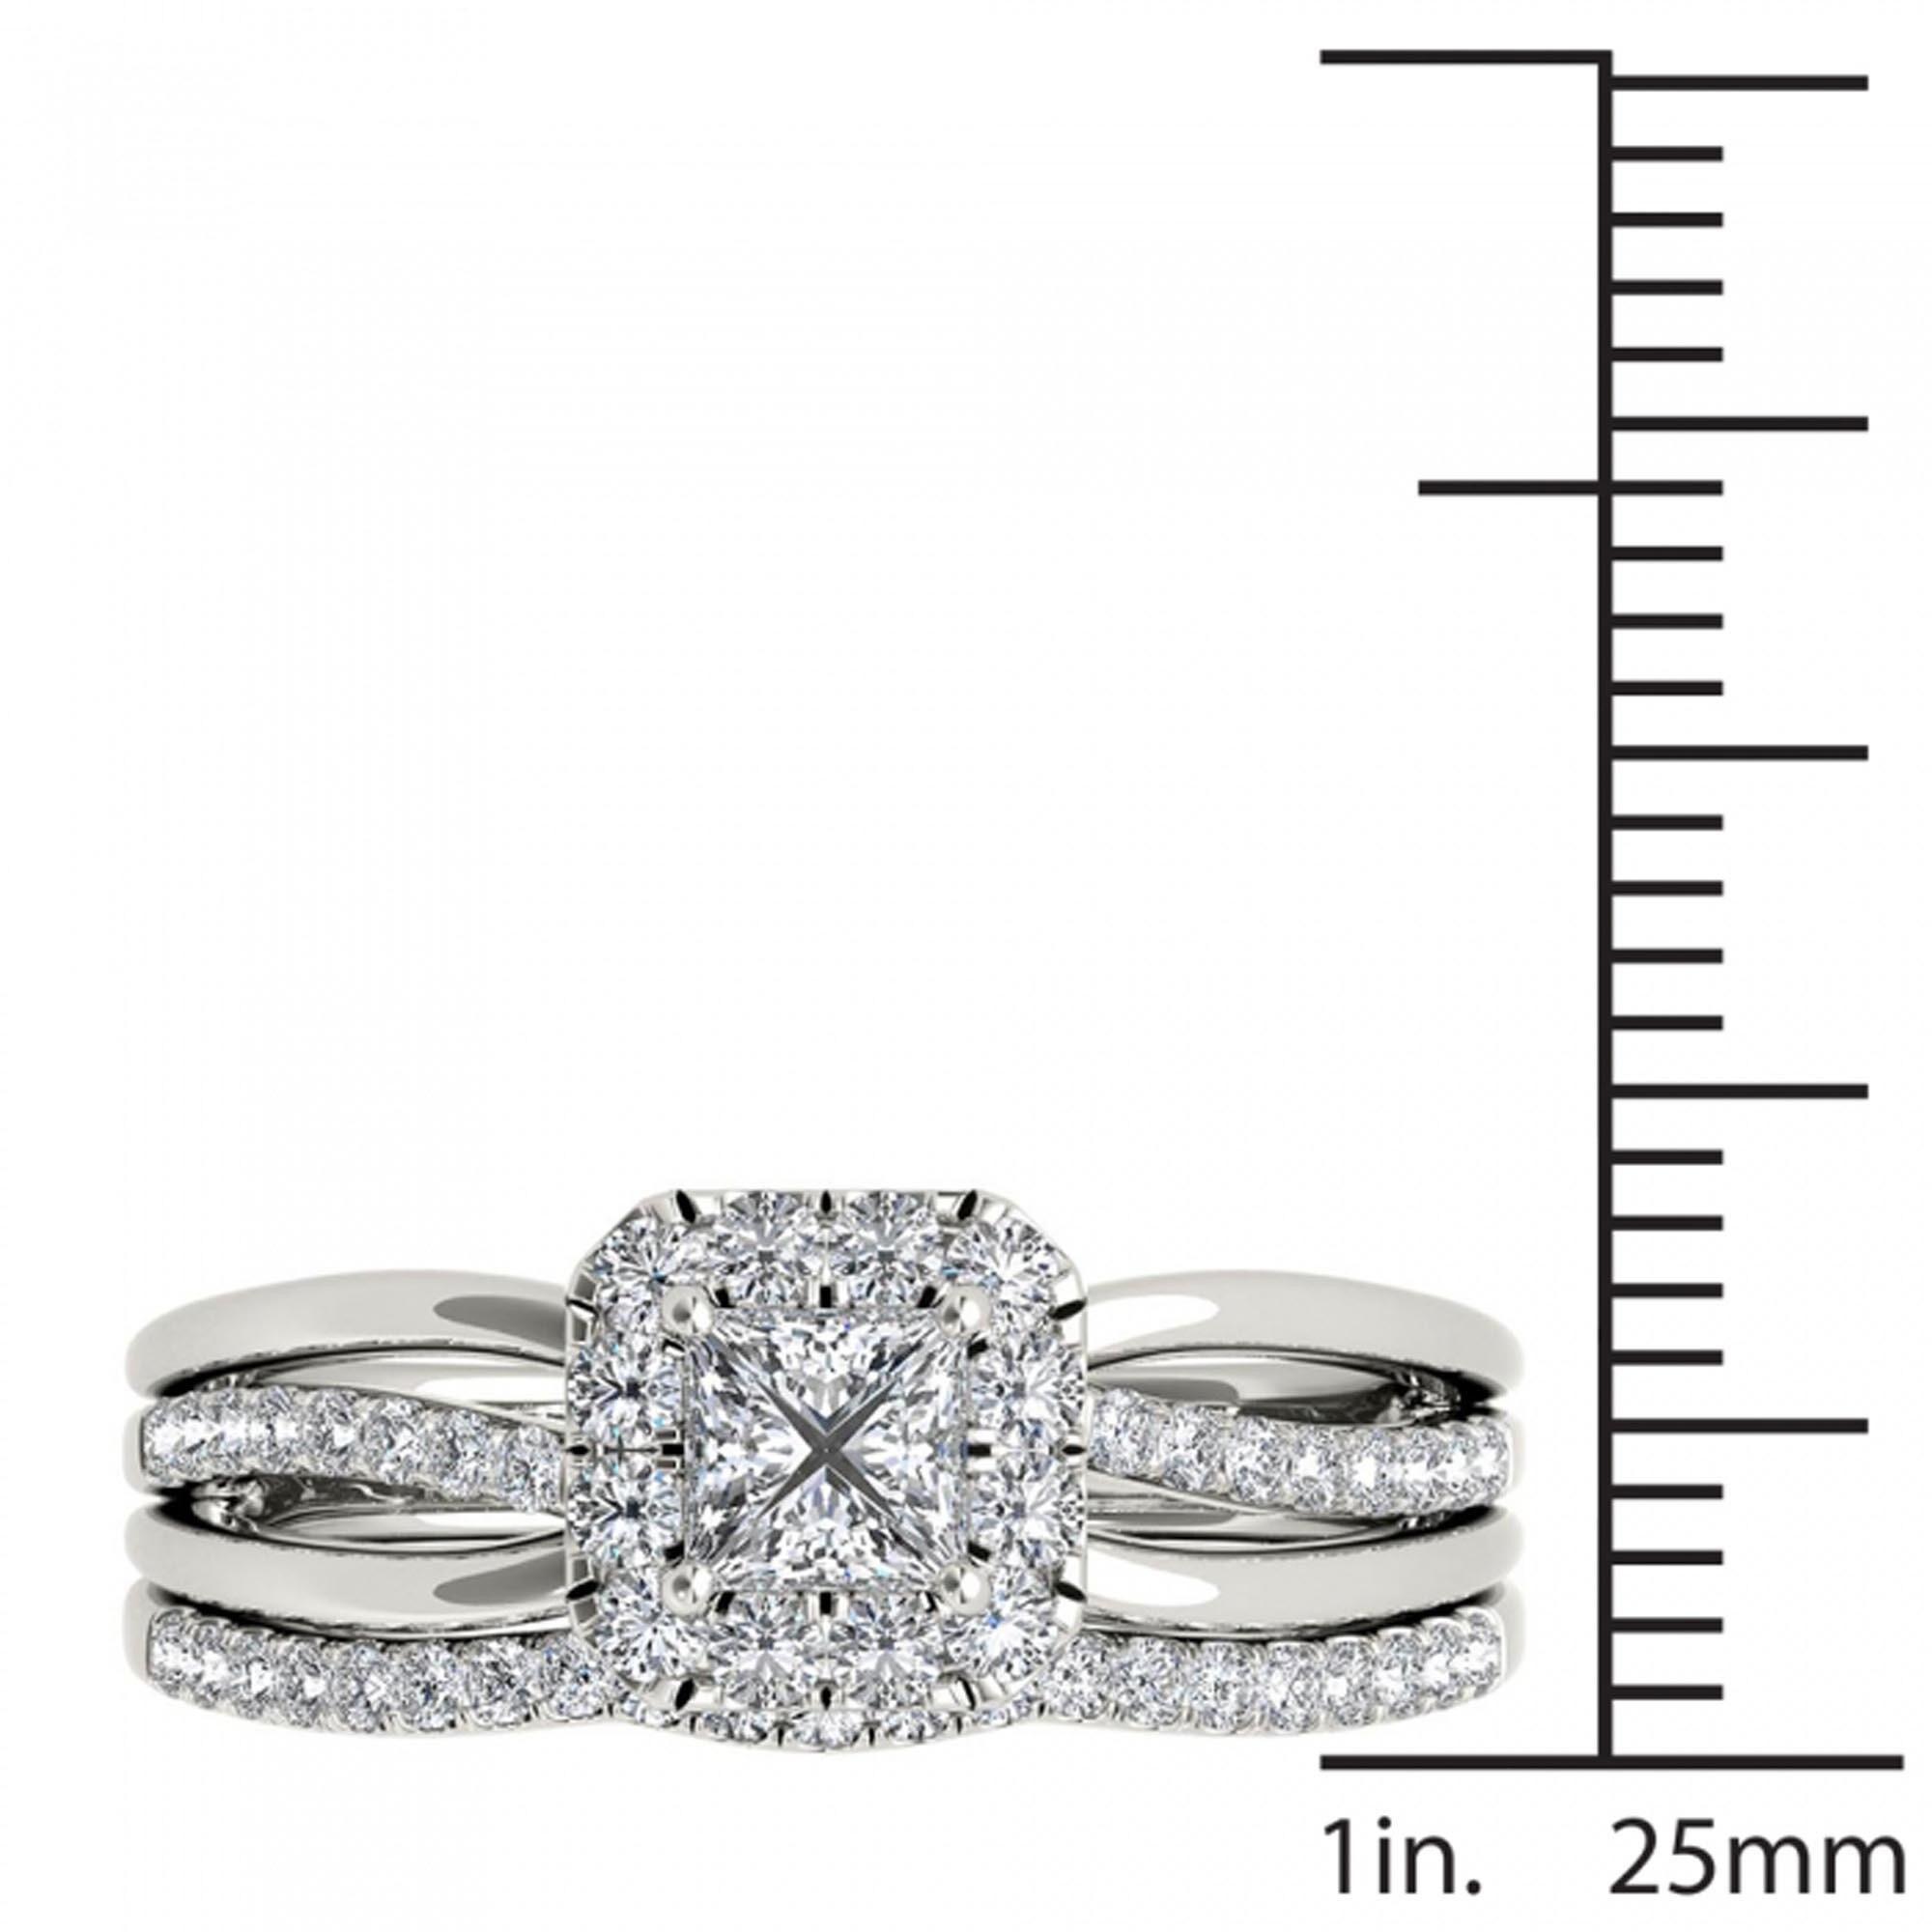 De Couer 14k White Gold 5/8ct TDW Princess-Cut Diamond Frame Bridal ...